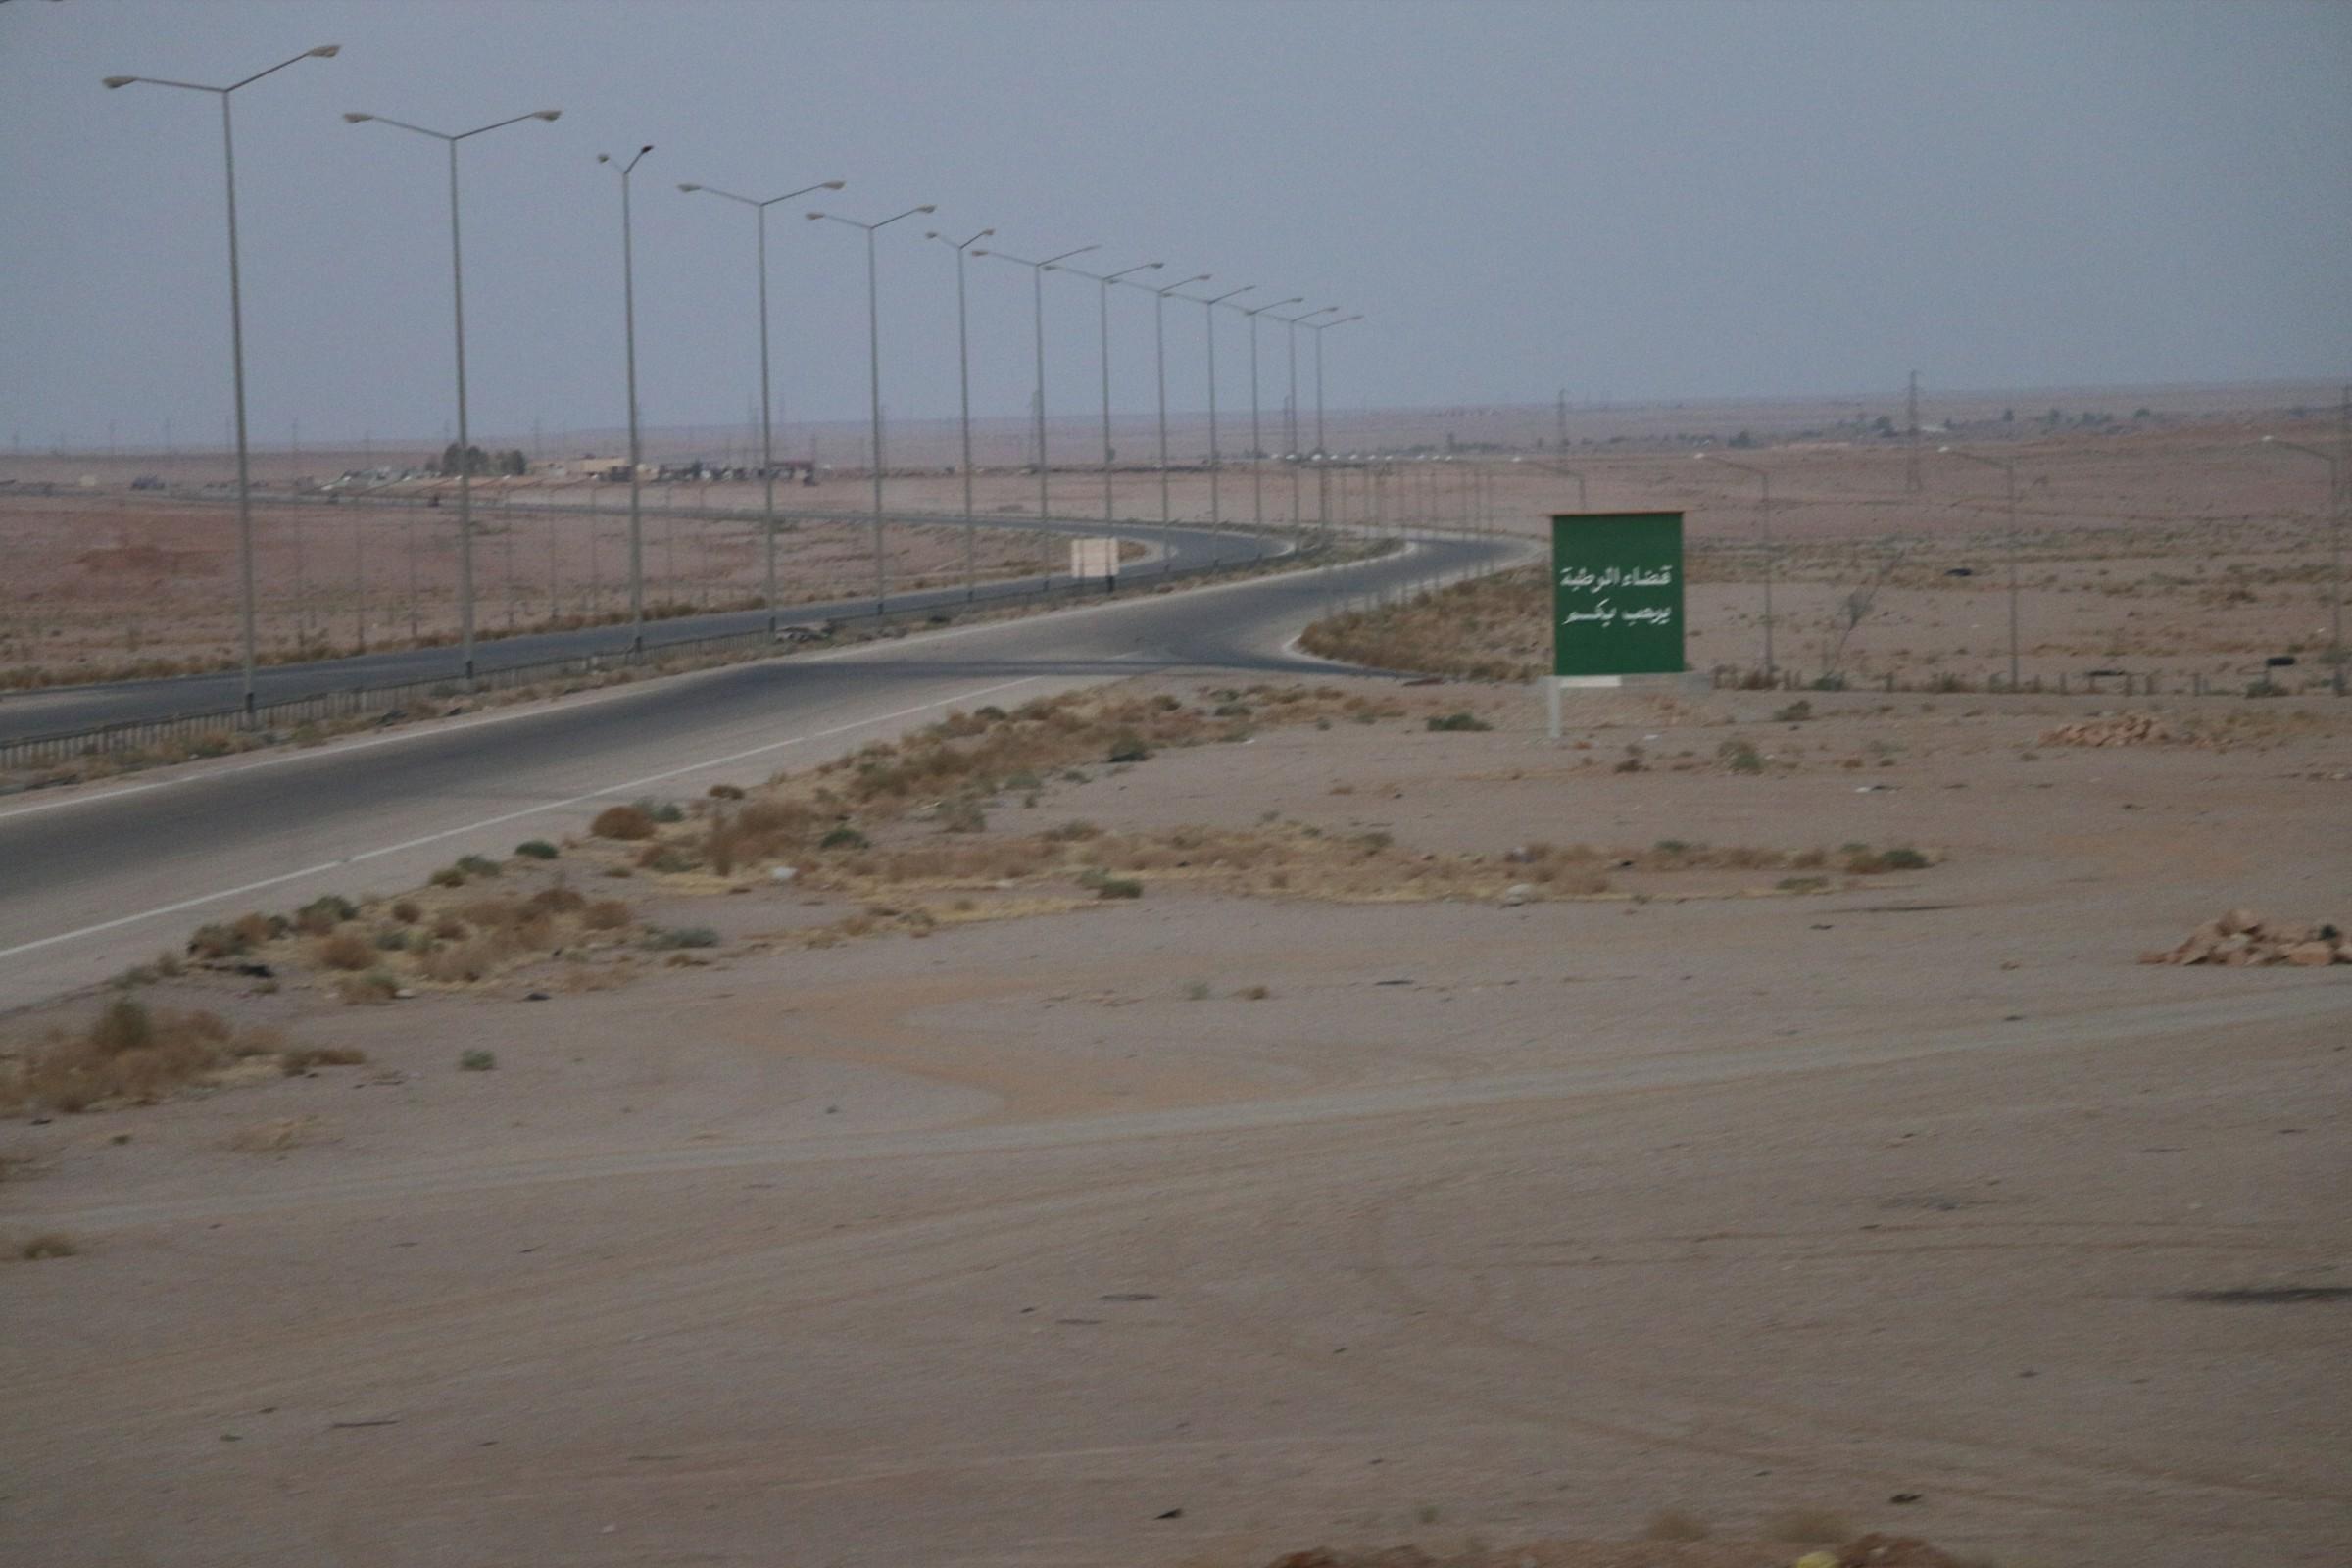 """رفع انقاض آخر جسر دمره """"داعش"""" على الخط الدولي غربي الانبار"""